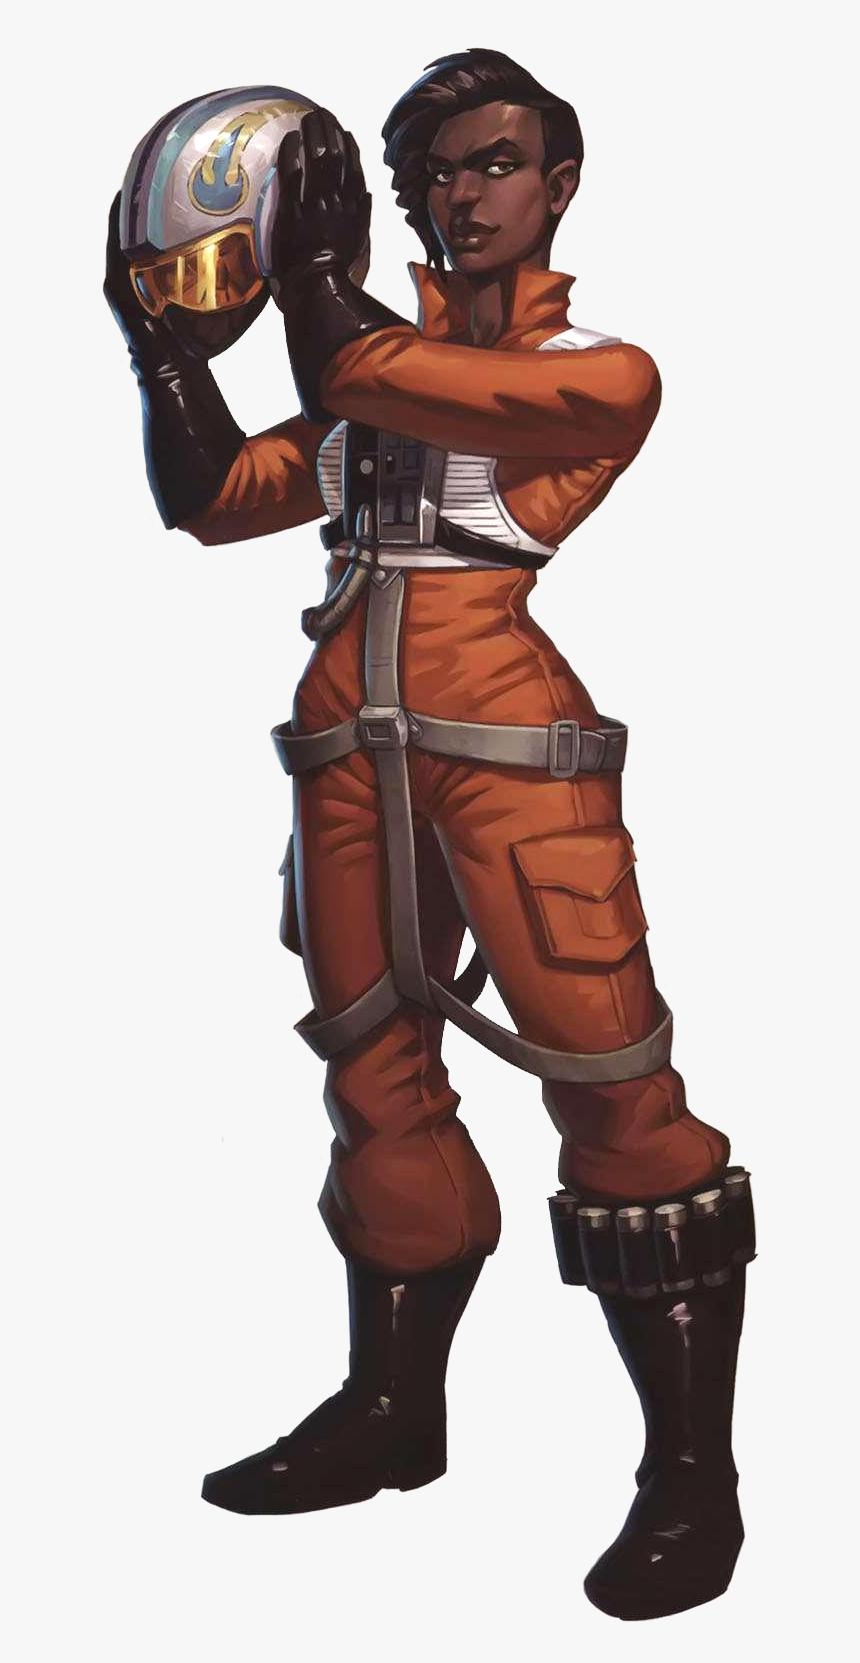 David Kegg Star Wars Art, HD Png Download, Free Download